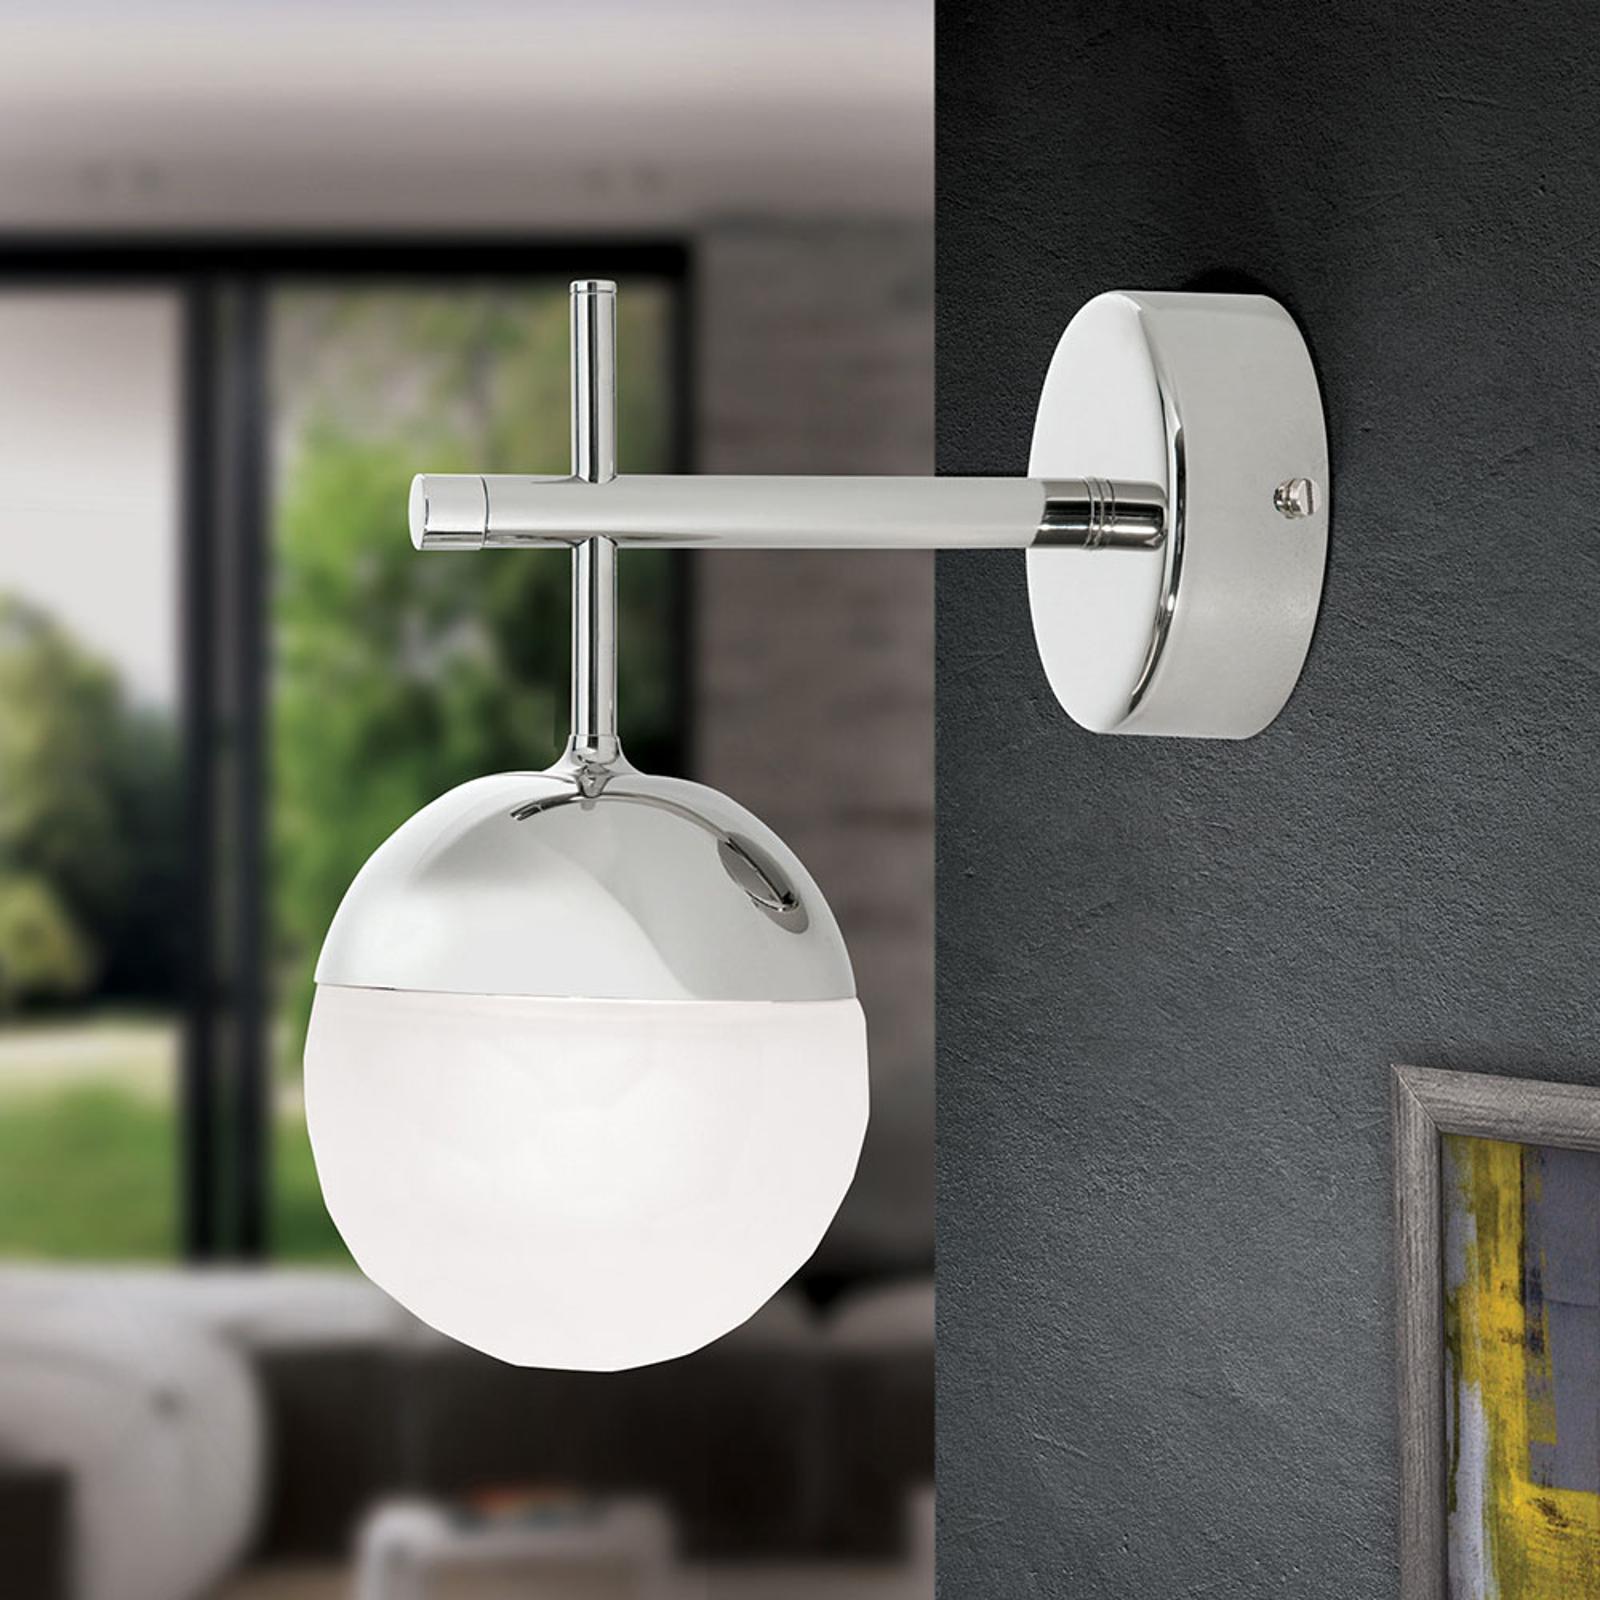 LED-Wandleuchte Ball, einflammig, nickel, abwärts kaufen